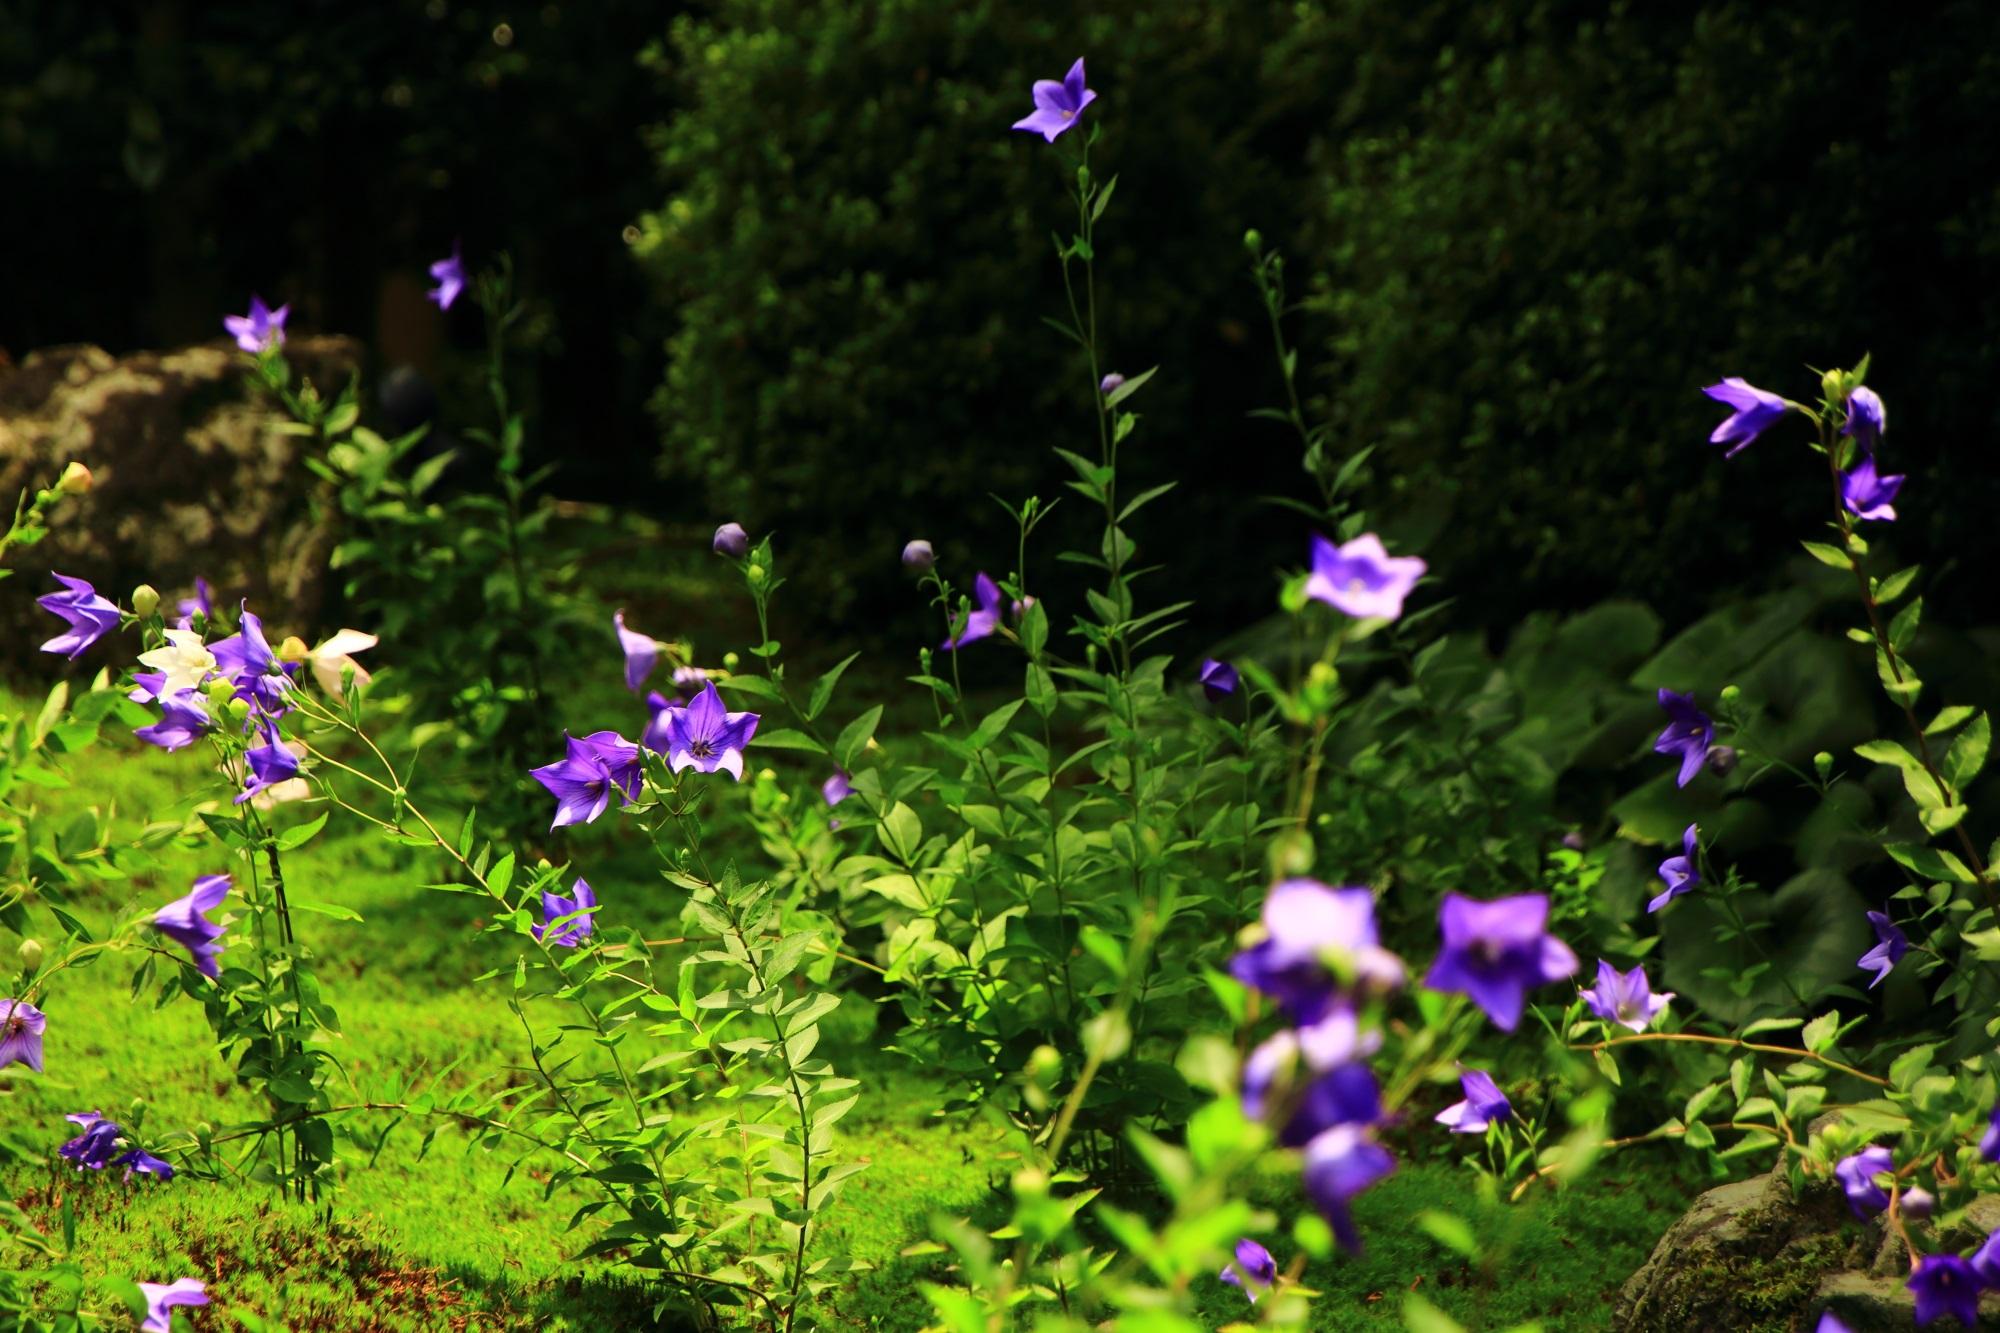 桔梗の花が咲き揃う「桔梗の寺」と呼ばれる天得院